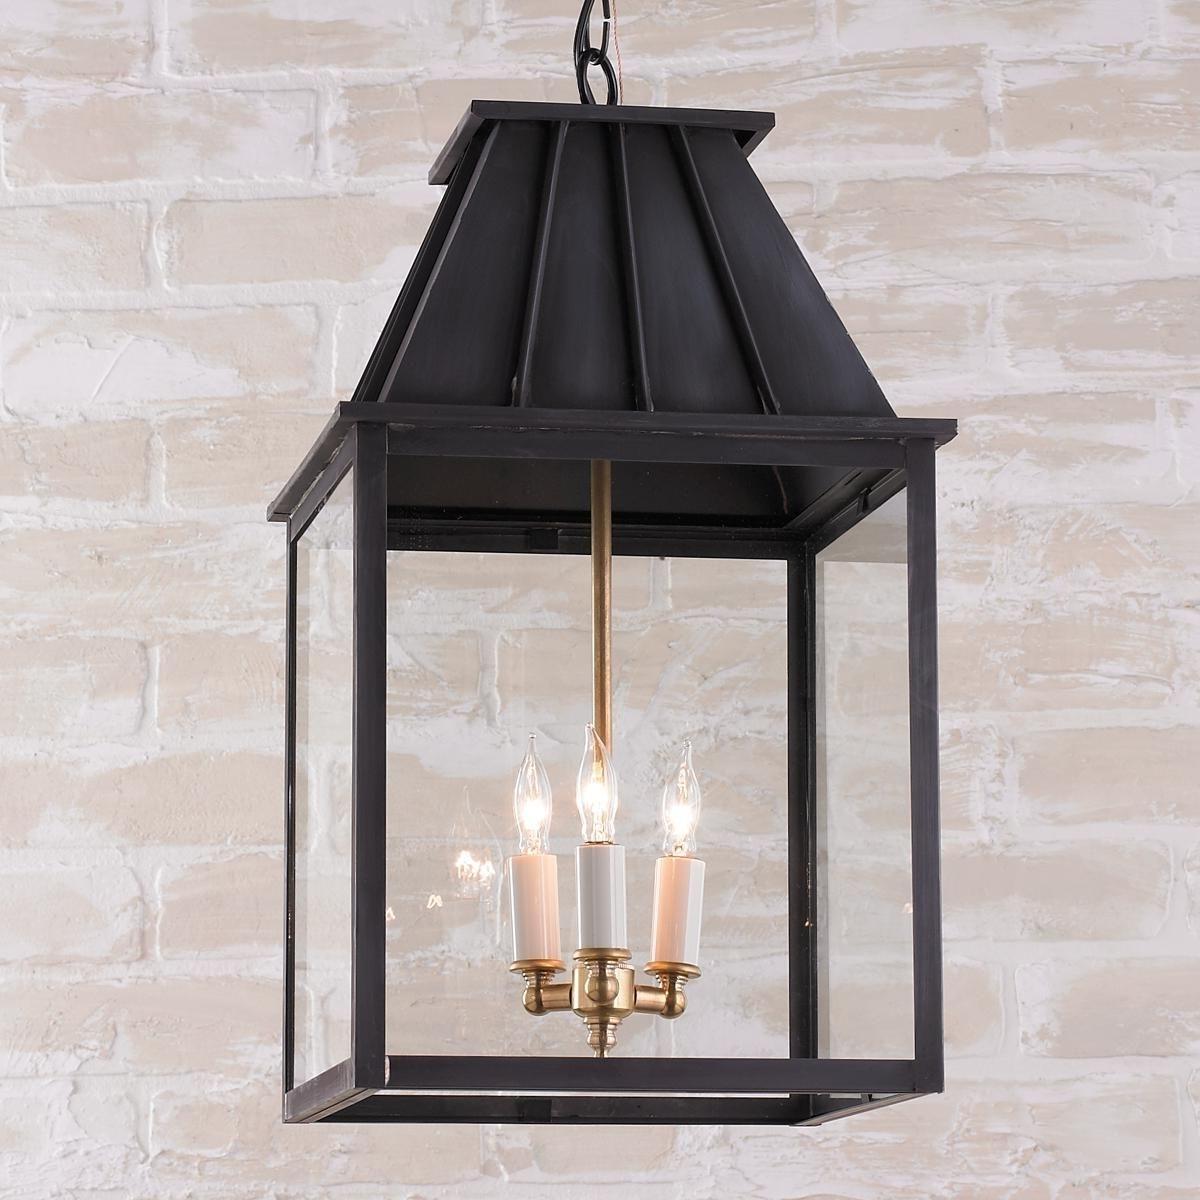 2018 Mansard Style Outdoor Hanging Lantern (View 9 of 20)